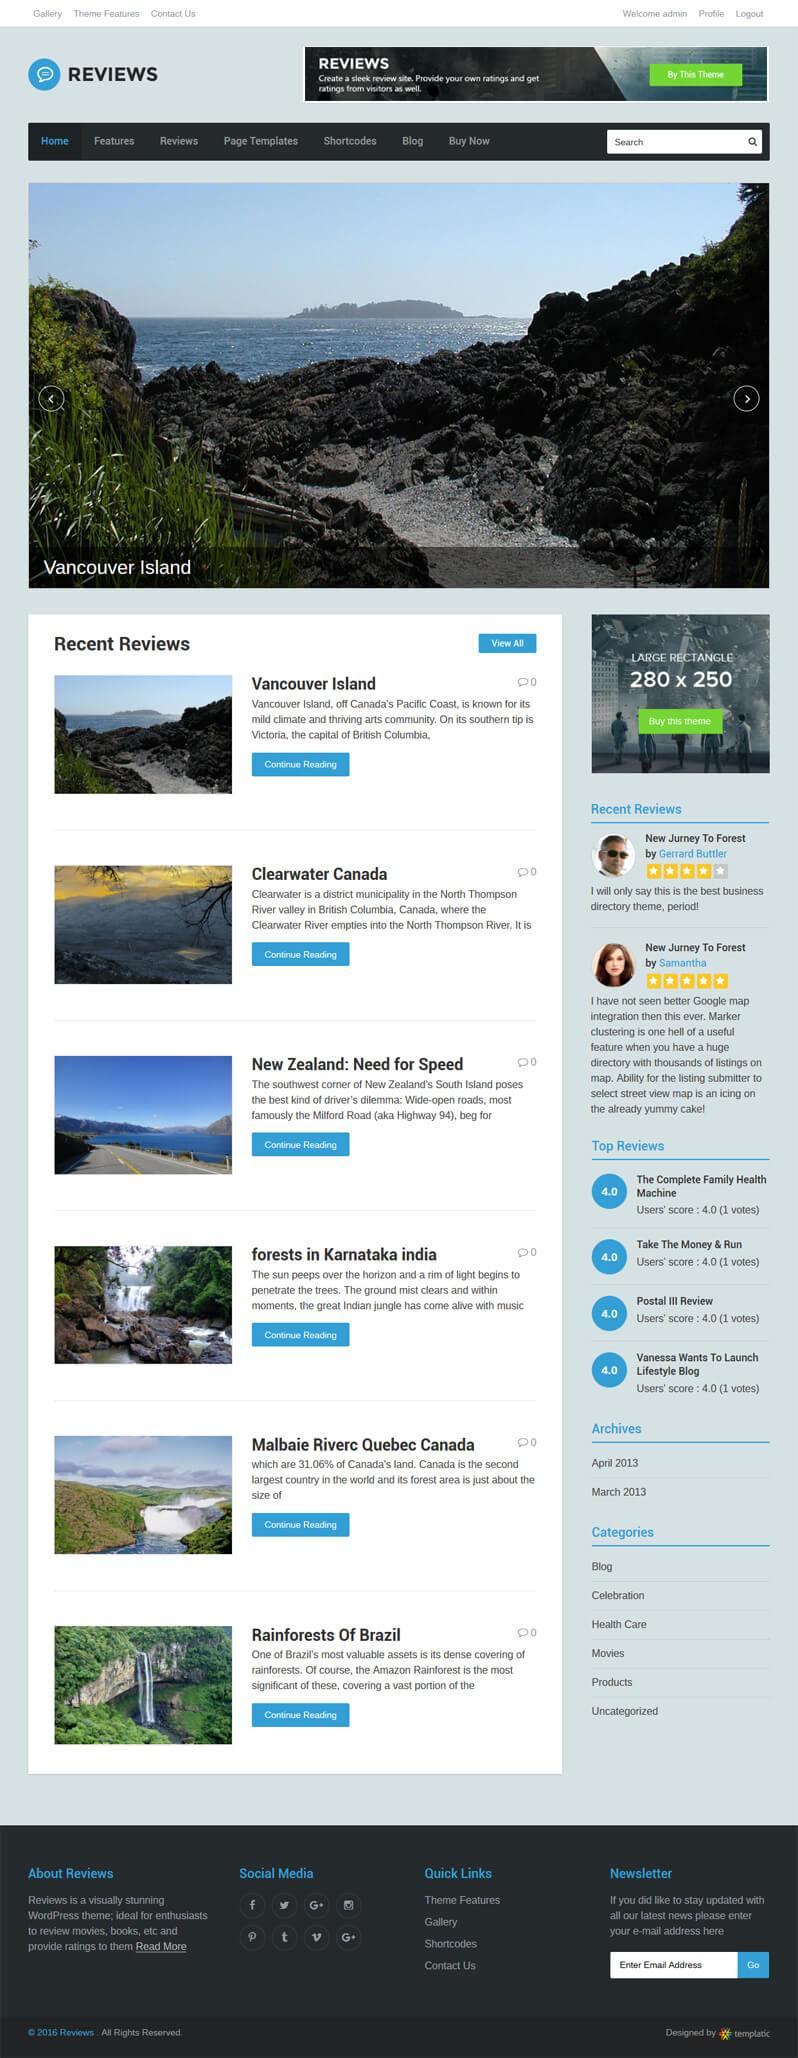 Review site WordPress theme